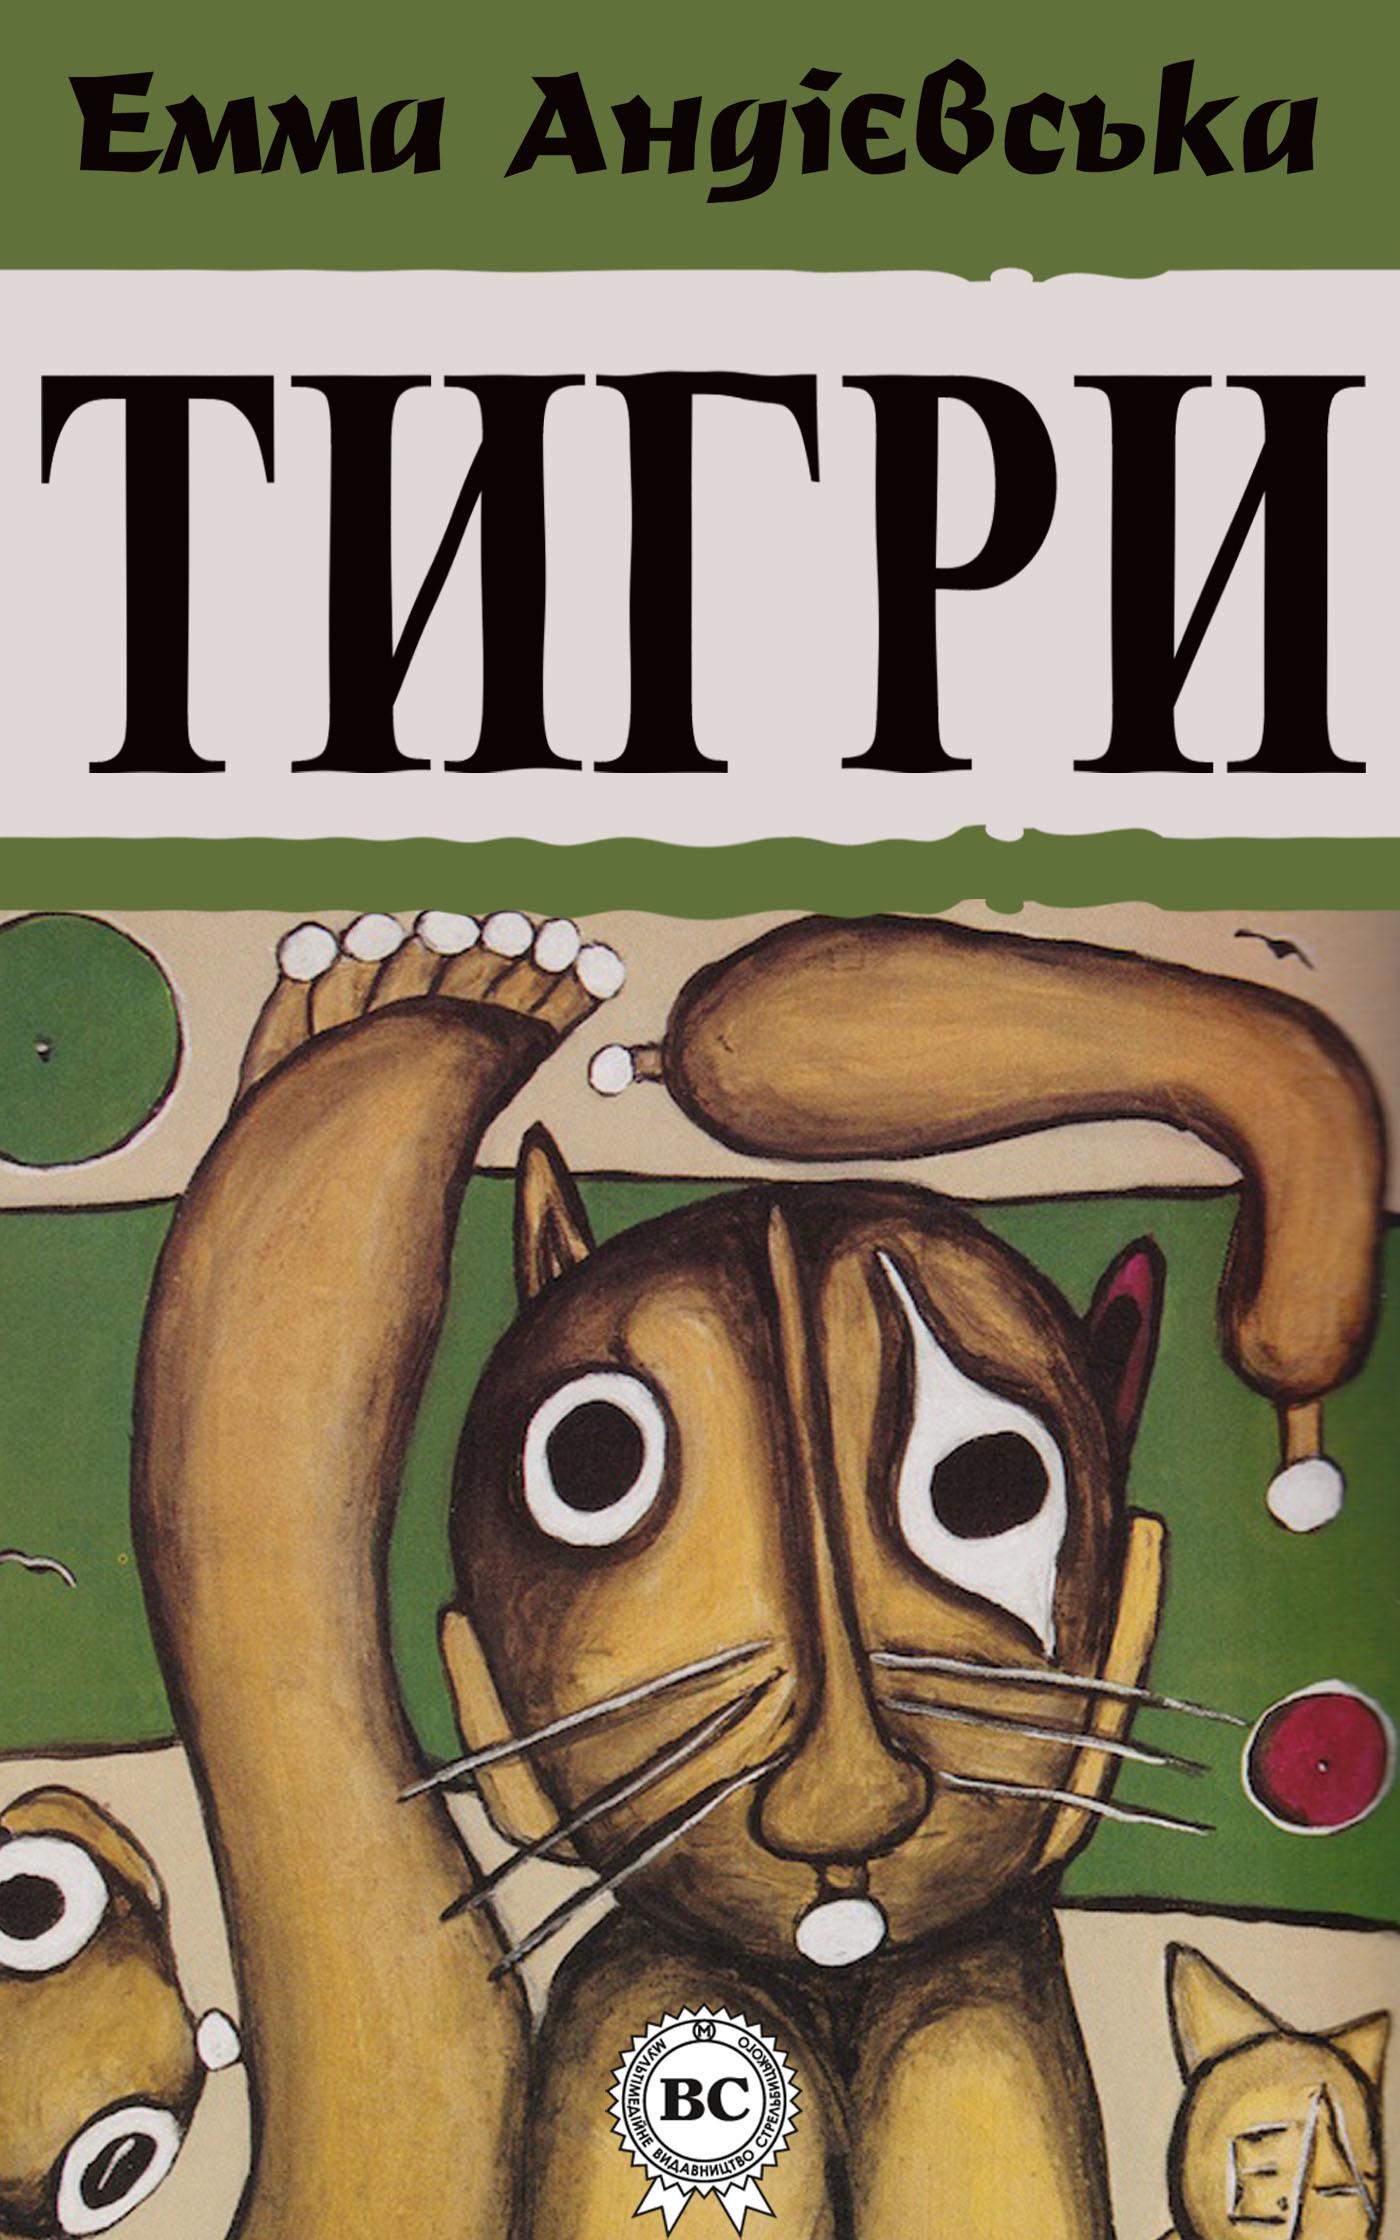 Емма Андієвська Тигри